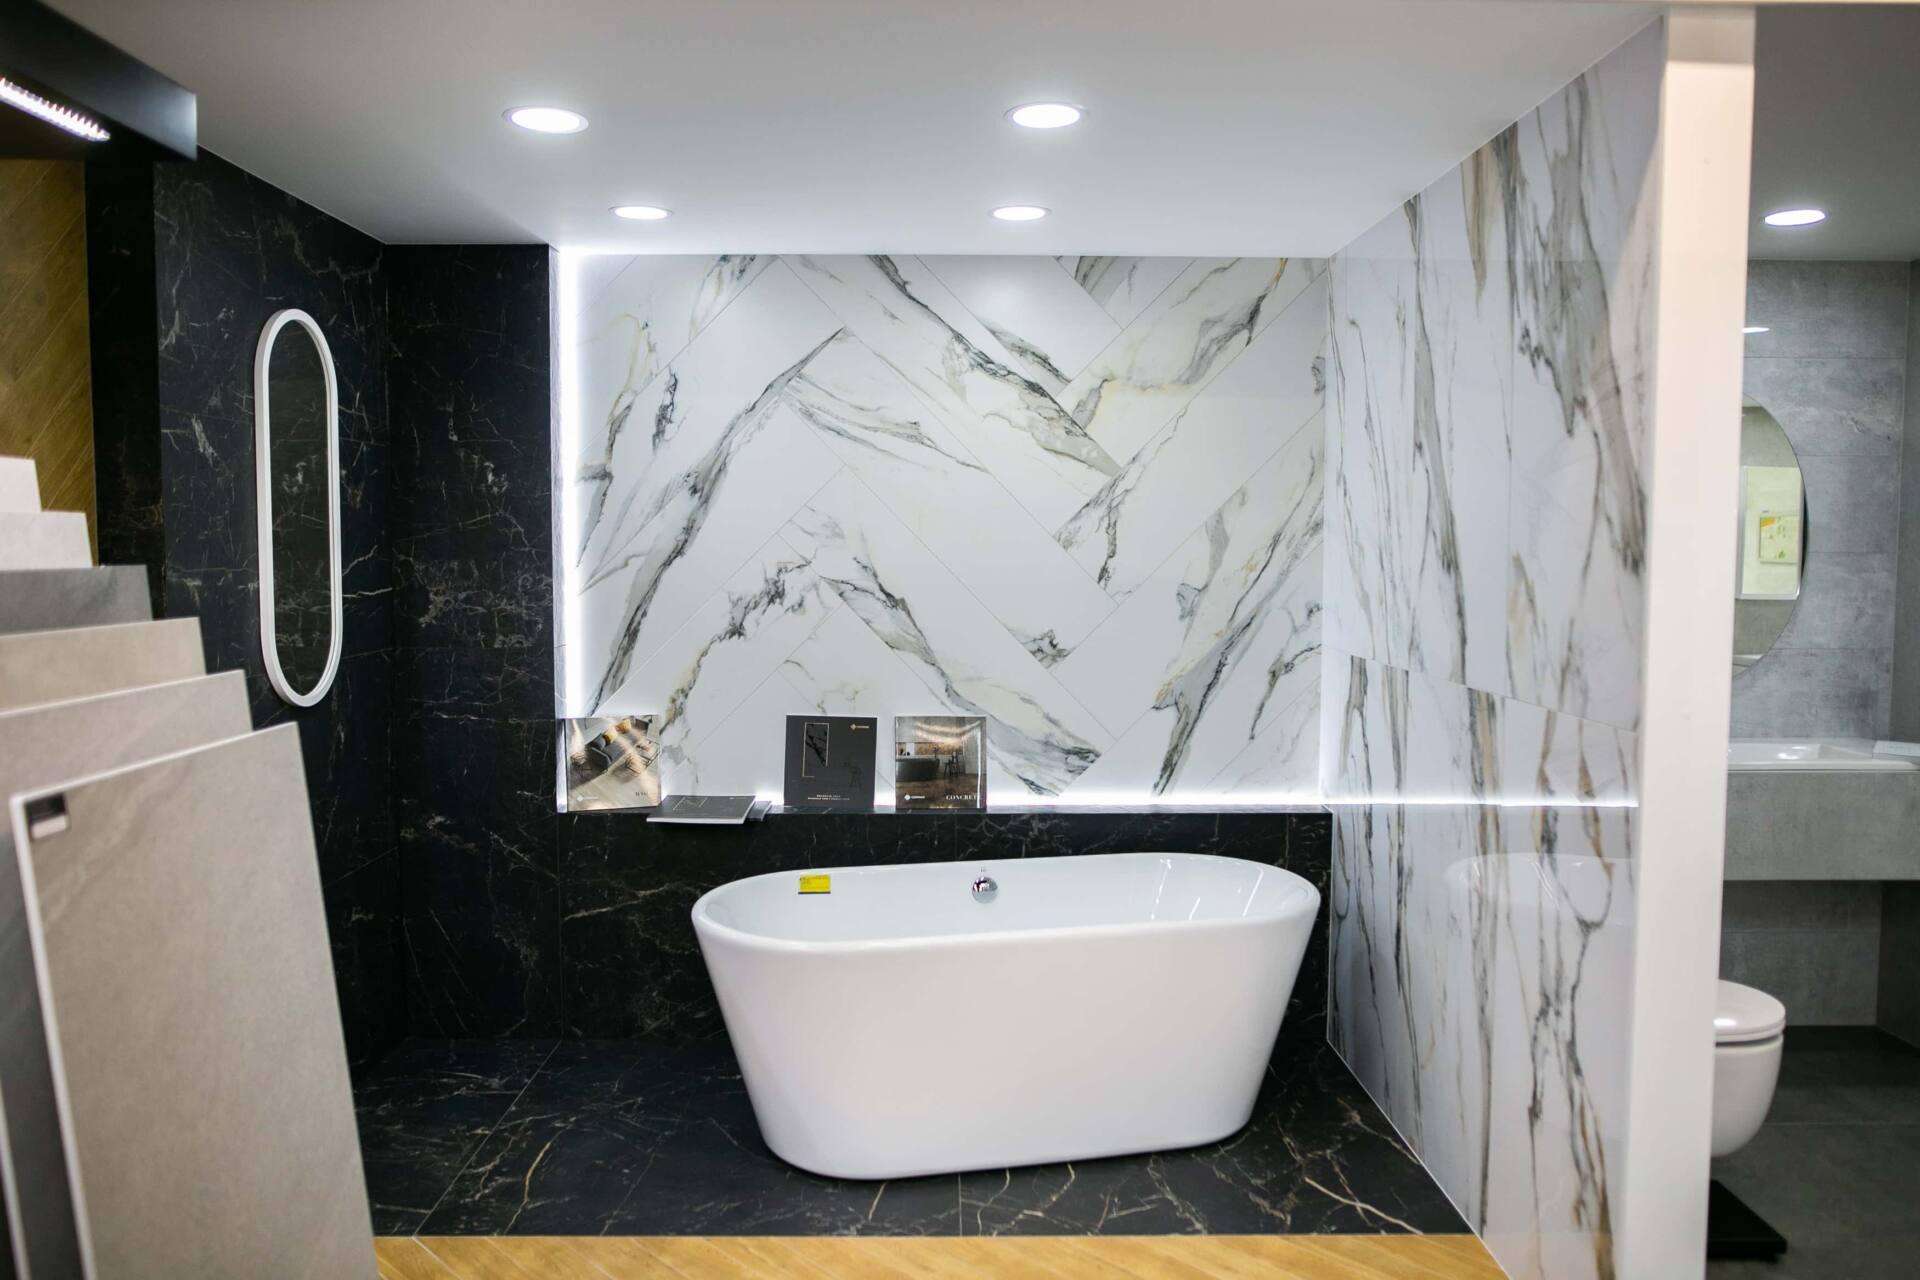 5db 5595 Salon BLU: na ponad 500 m2., 36 łazienkowych aranżacji i bogata ekspozycja wyposażenia (zdjęcia)